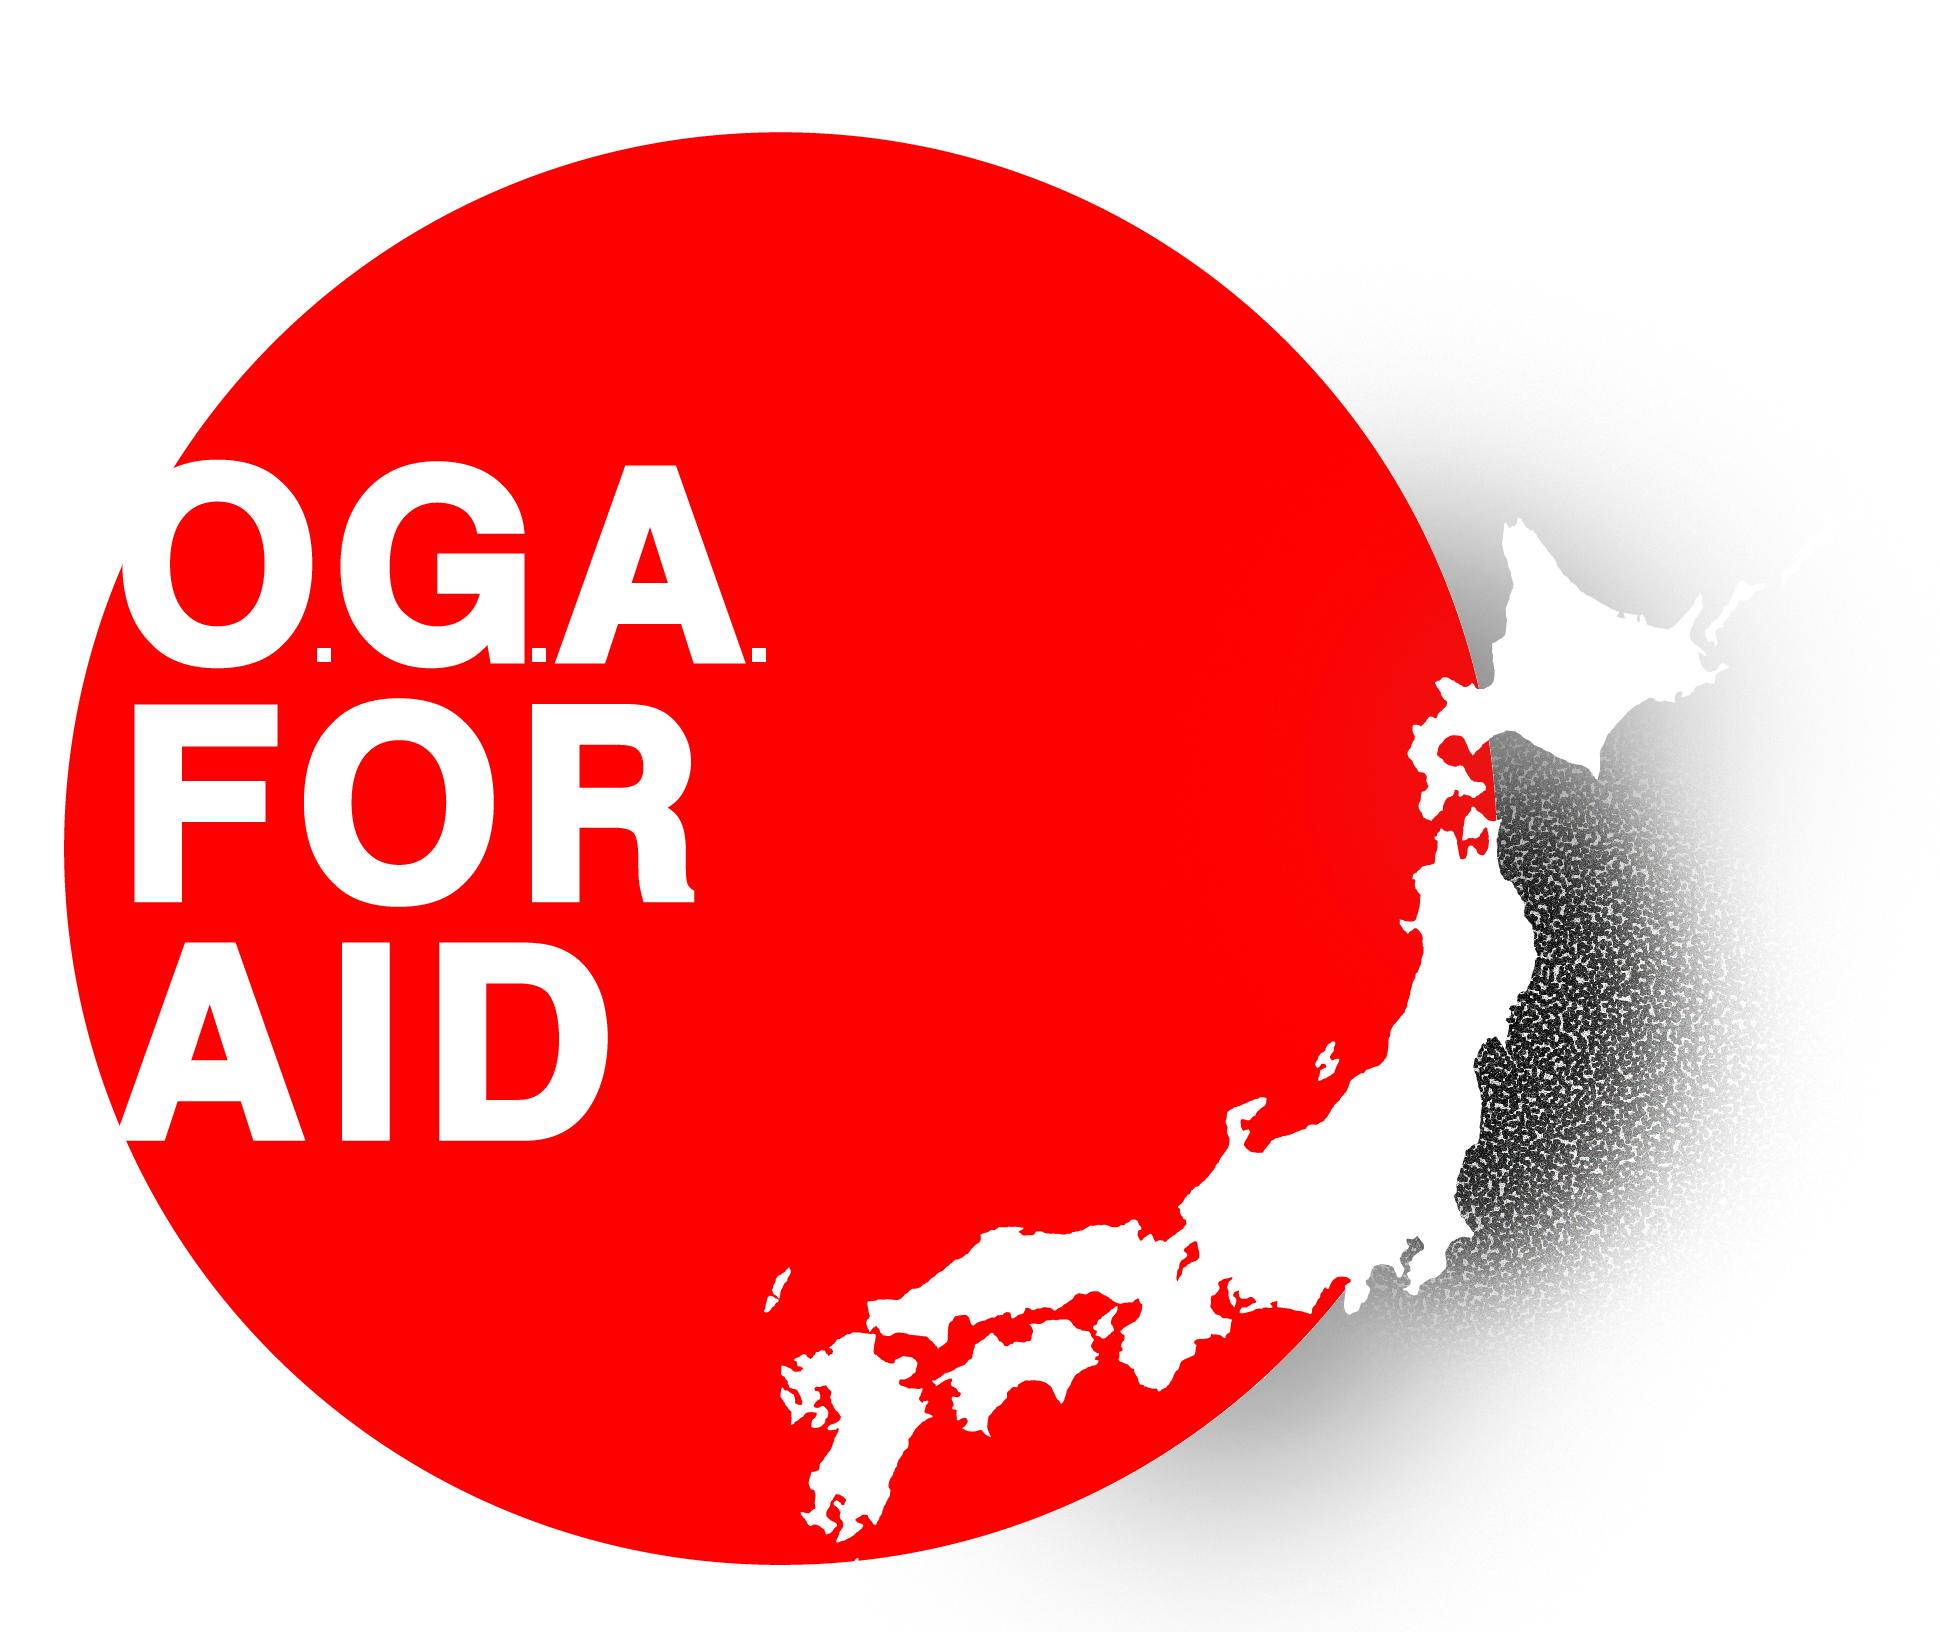 oga-for-aid-logo.jpg